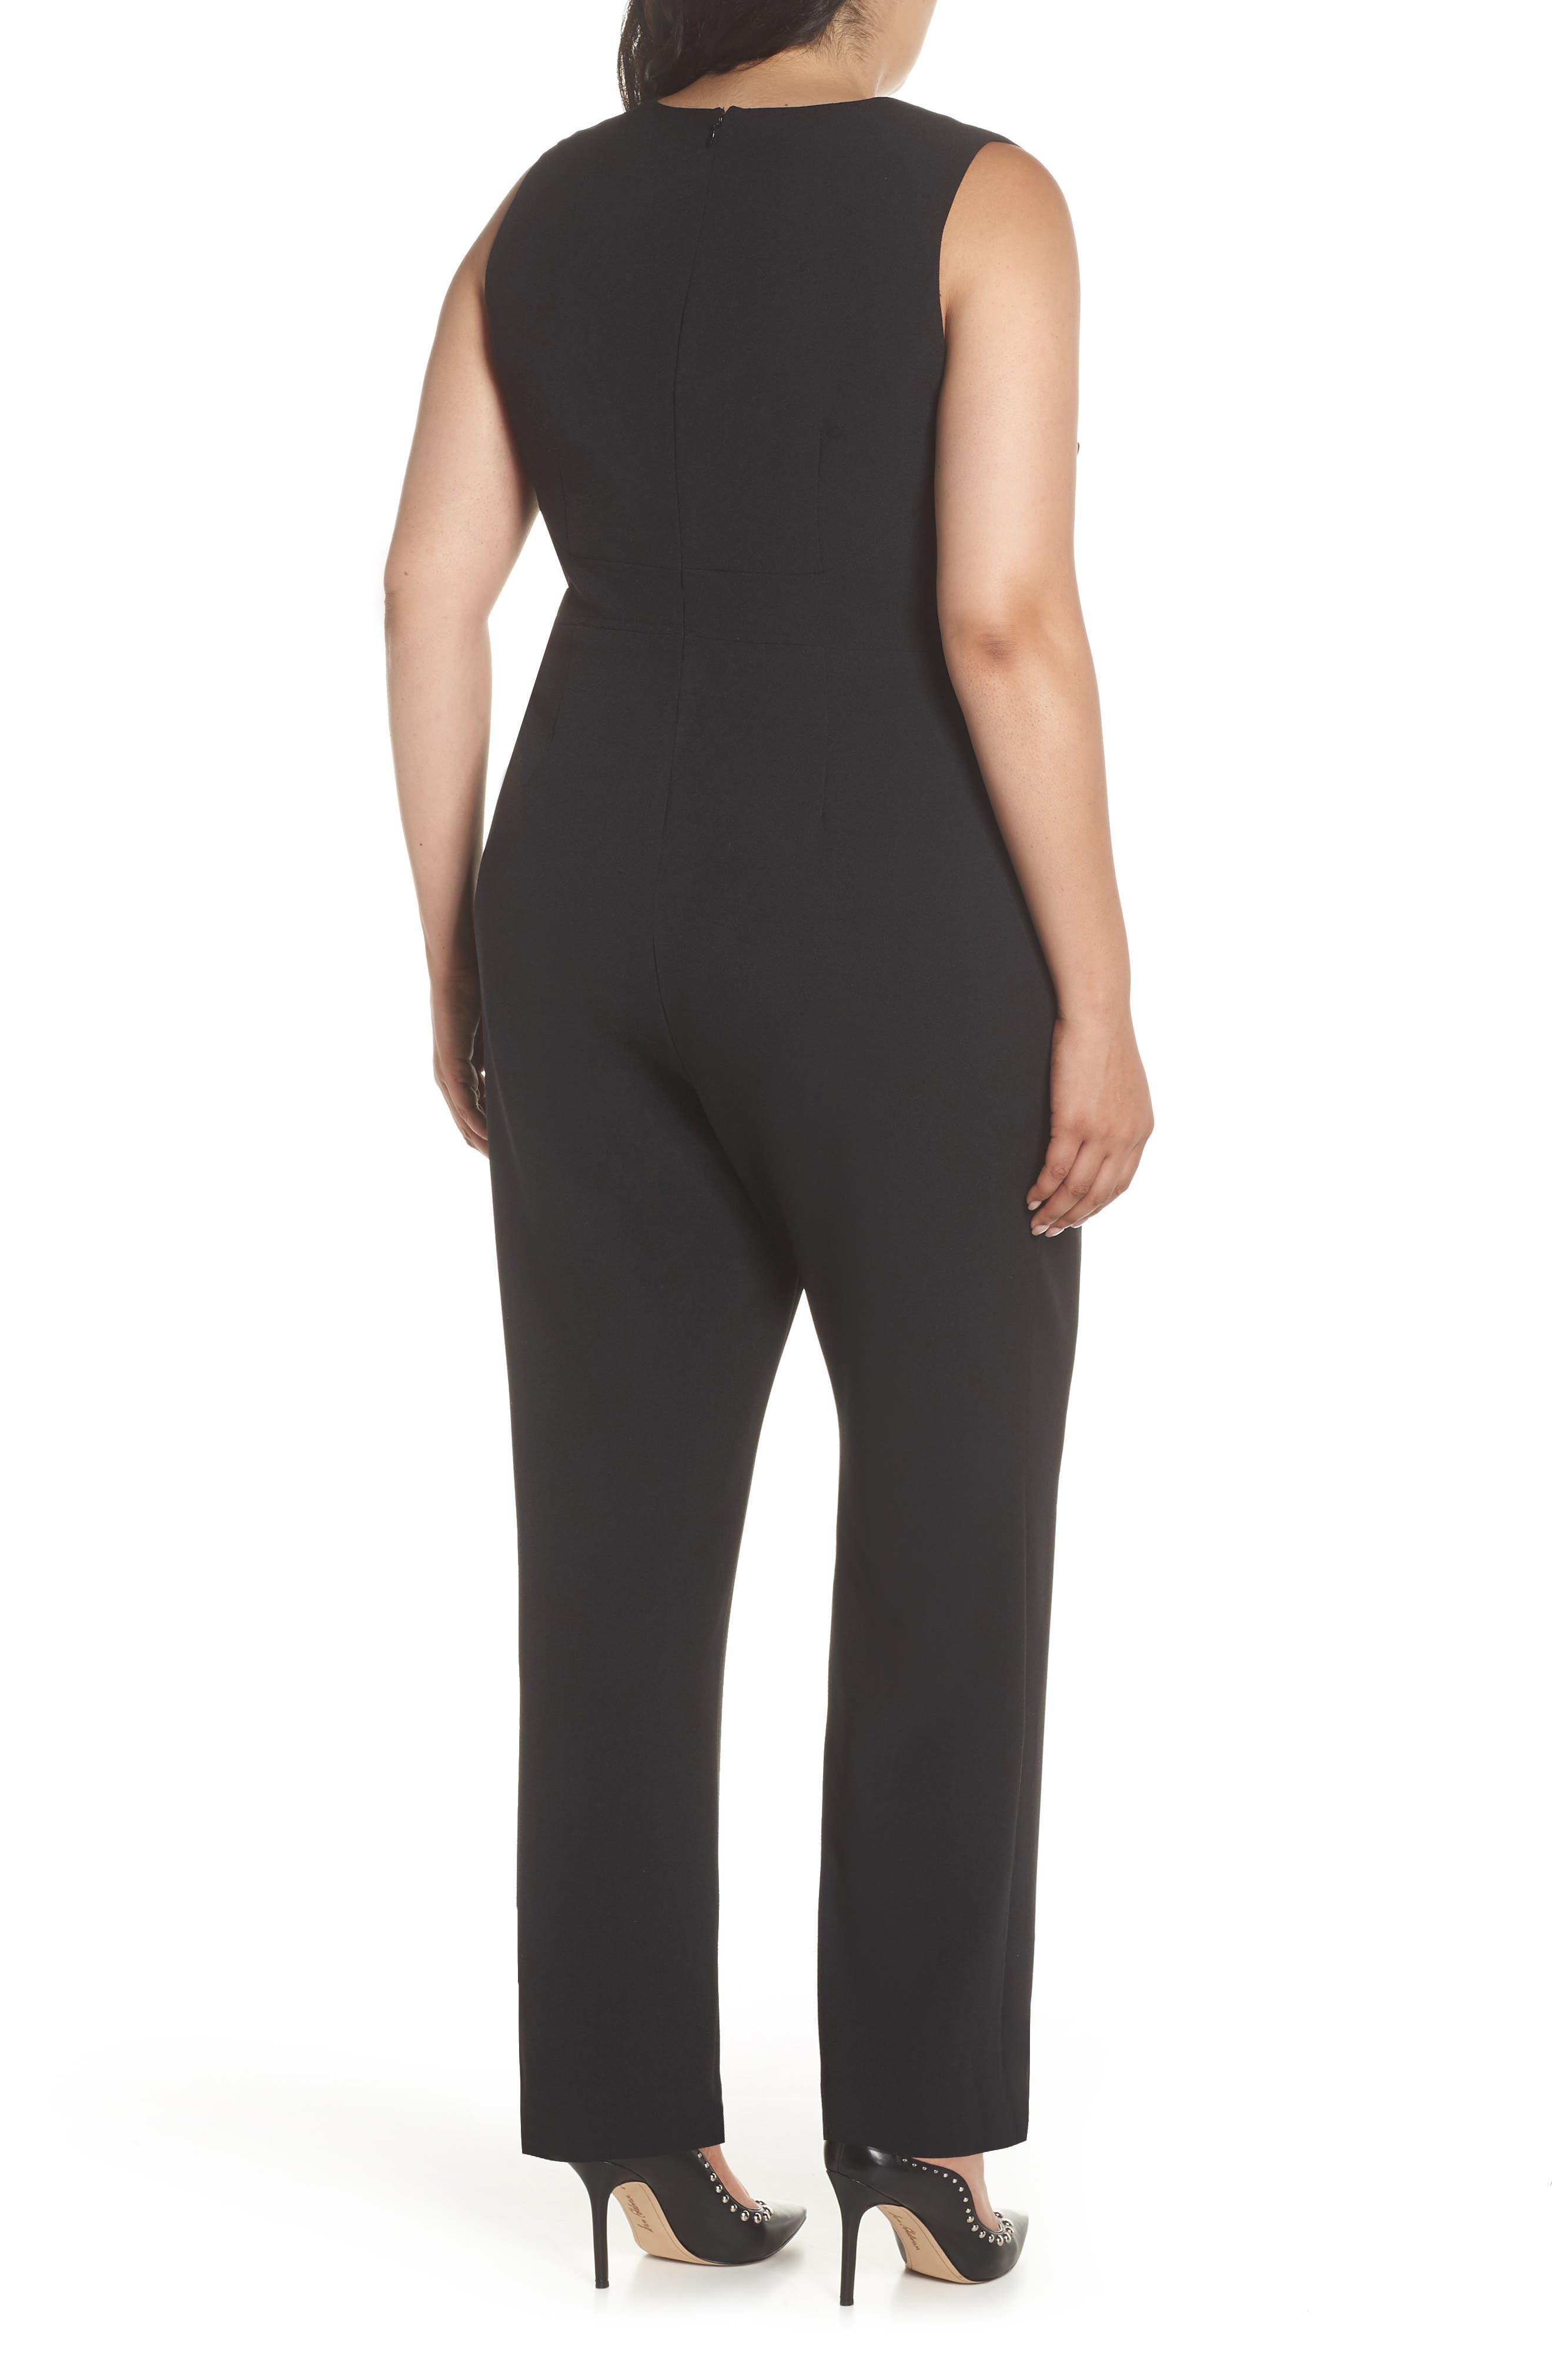 VINCE CAMUTO, Crepe Tie Front Wide Leg Jumpsuit, Alternate thumbnail 2, color, BLACK